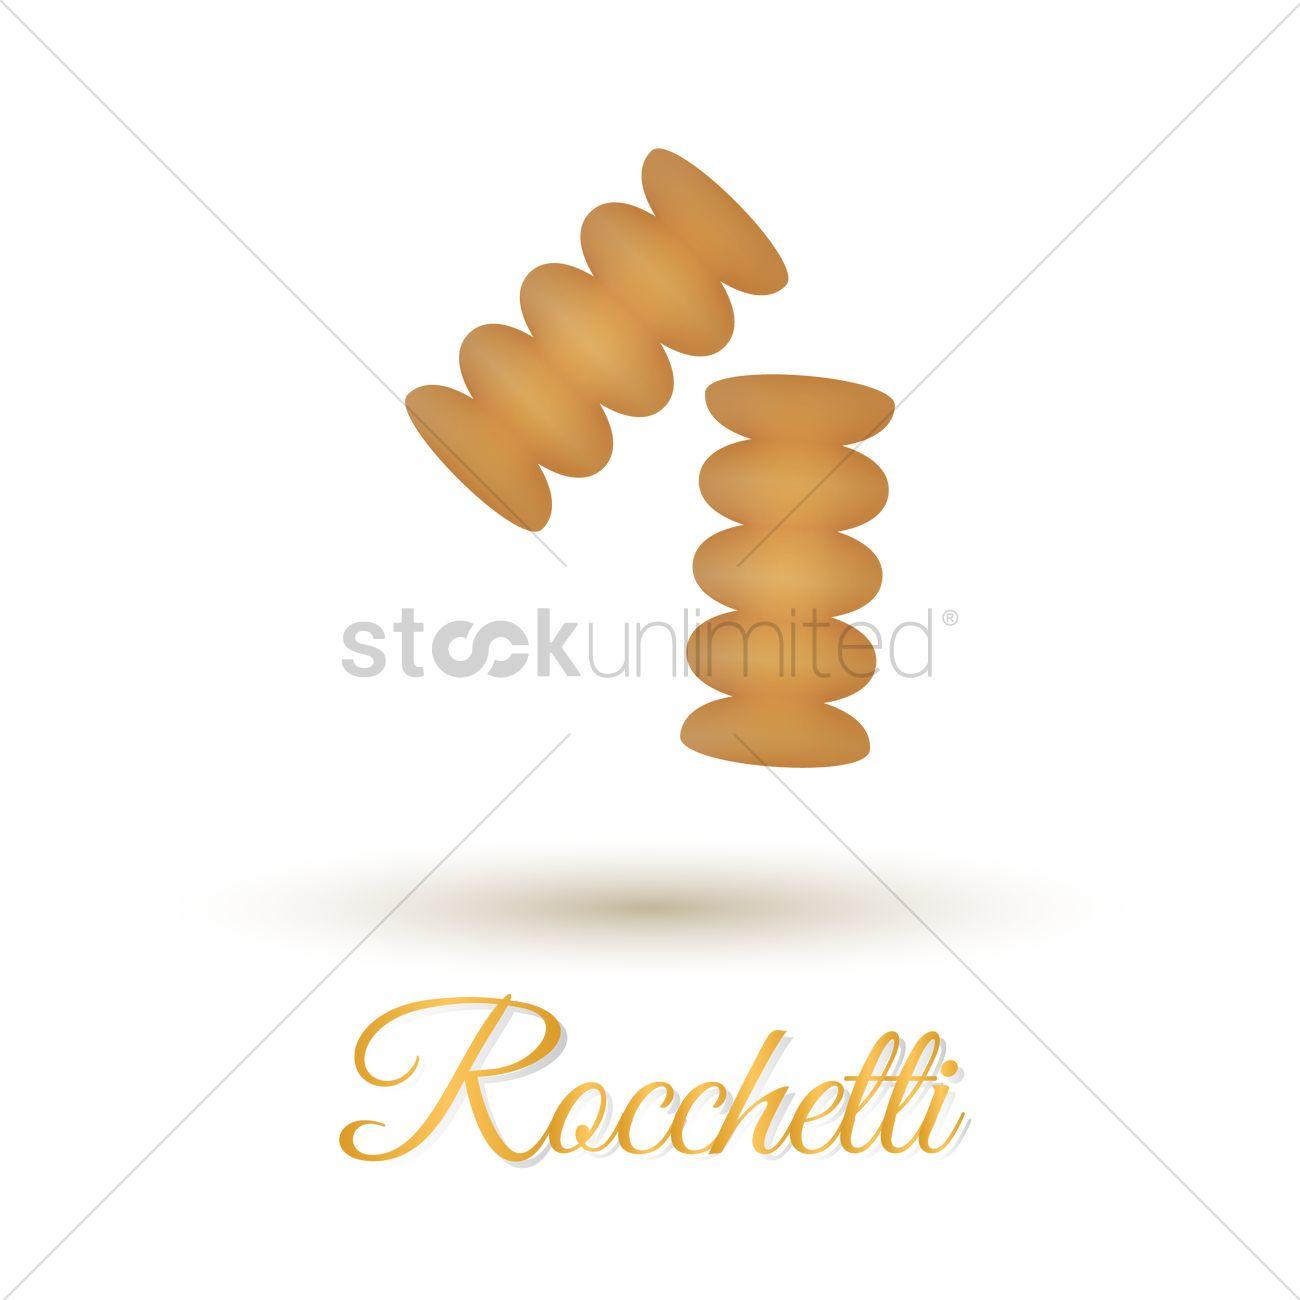 Rocchetti Vector Image.